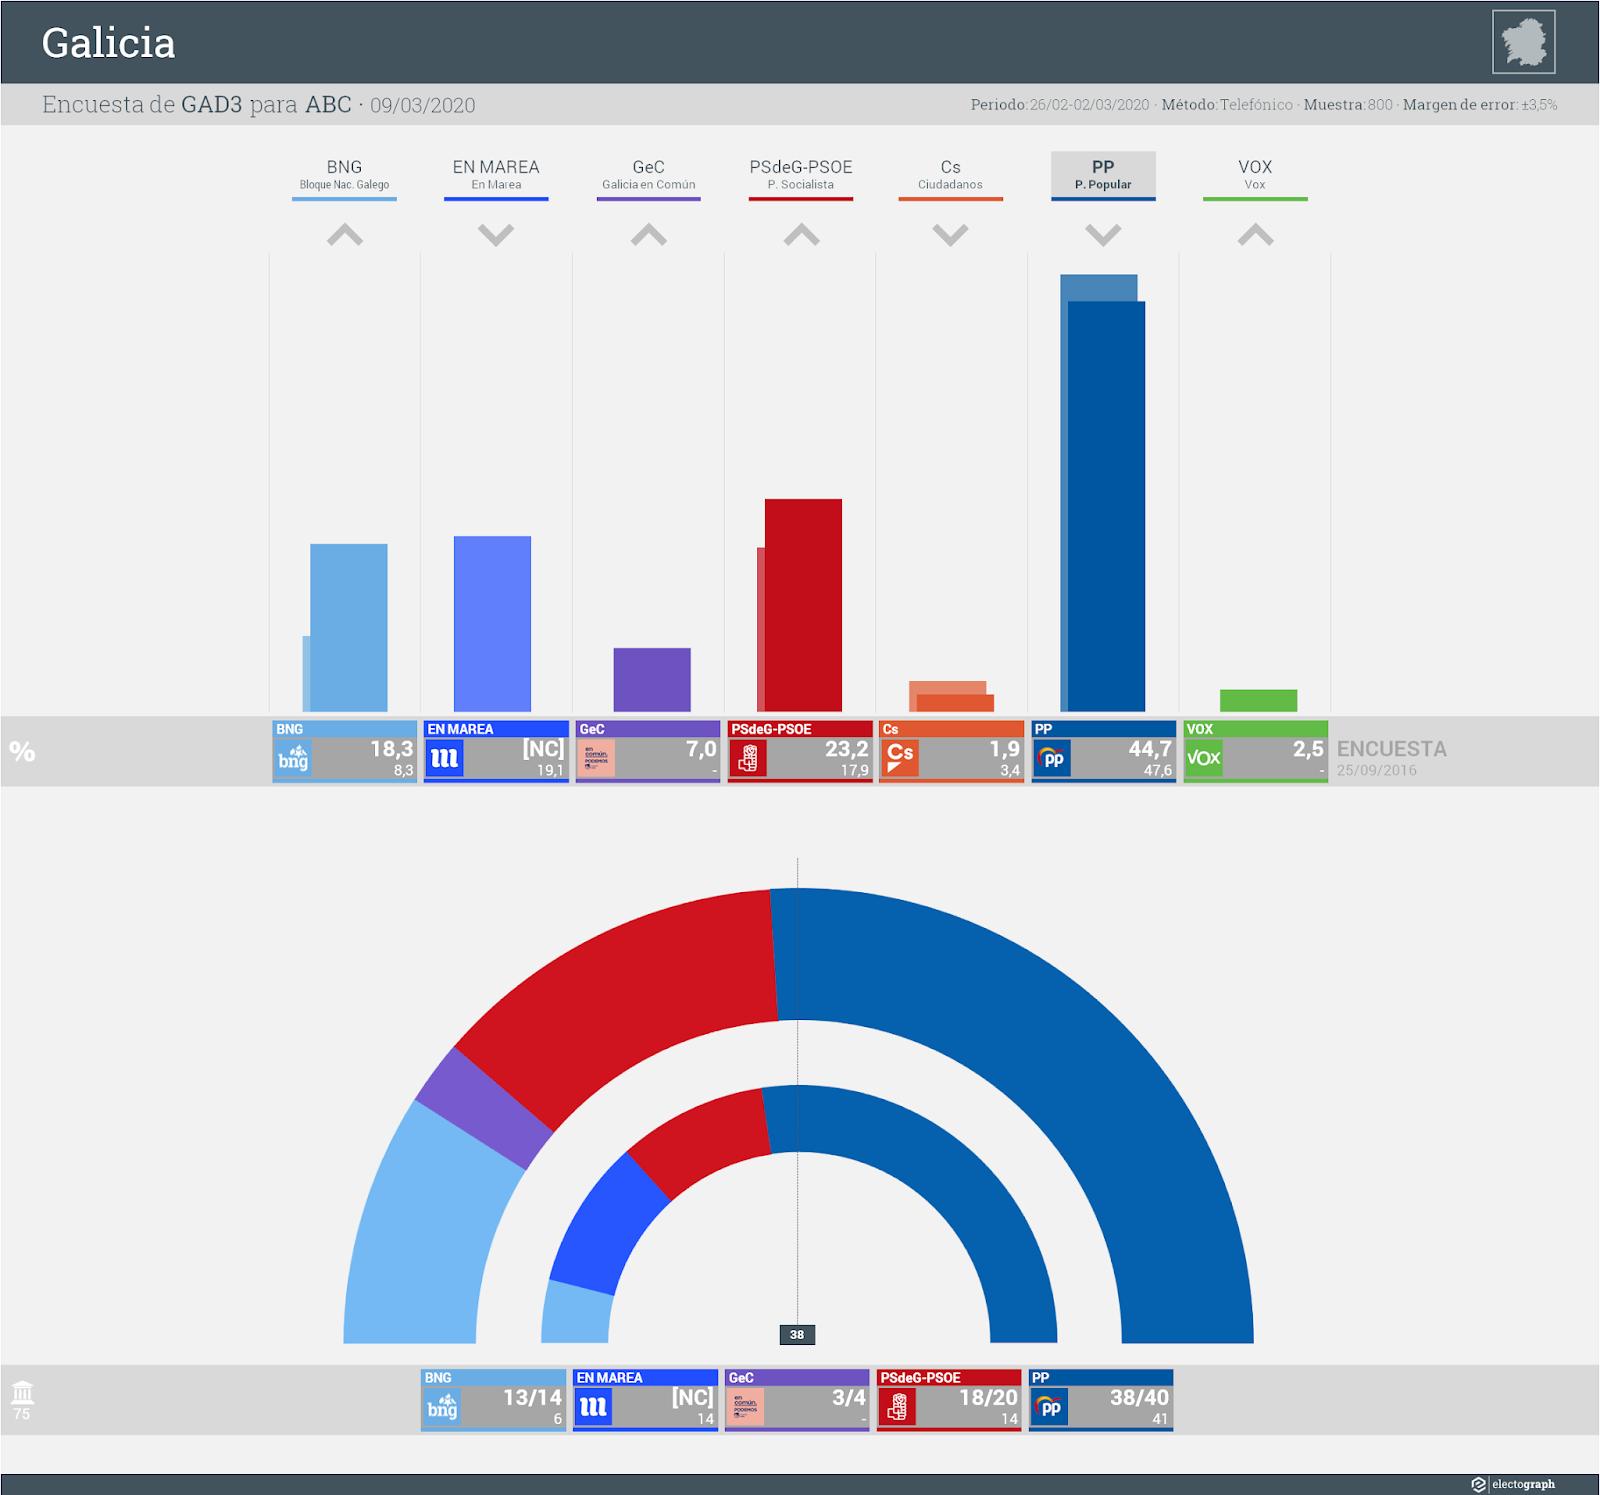 Gráfico de la encuesta para elecciones autonómicas en Galicia realizada por GAD3 para ABC, 9 de marzo de 2020